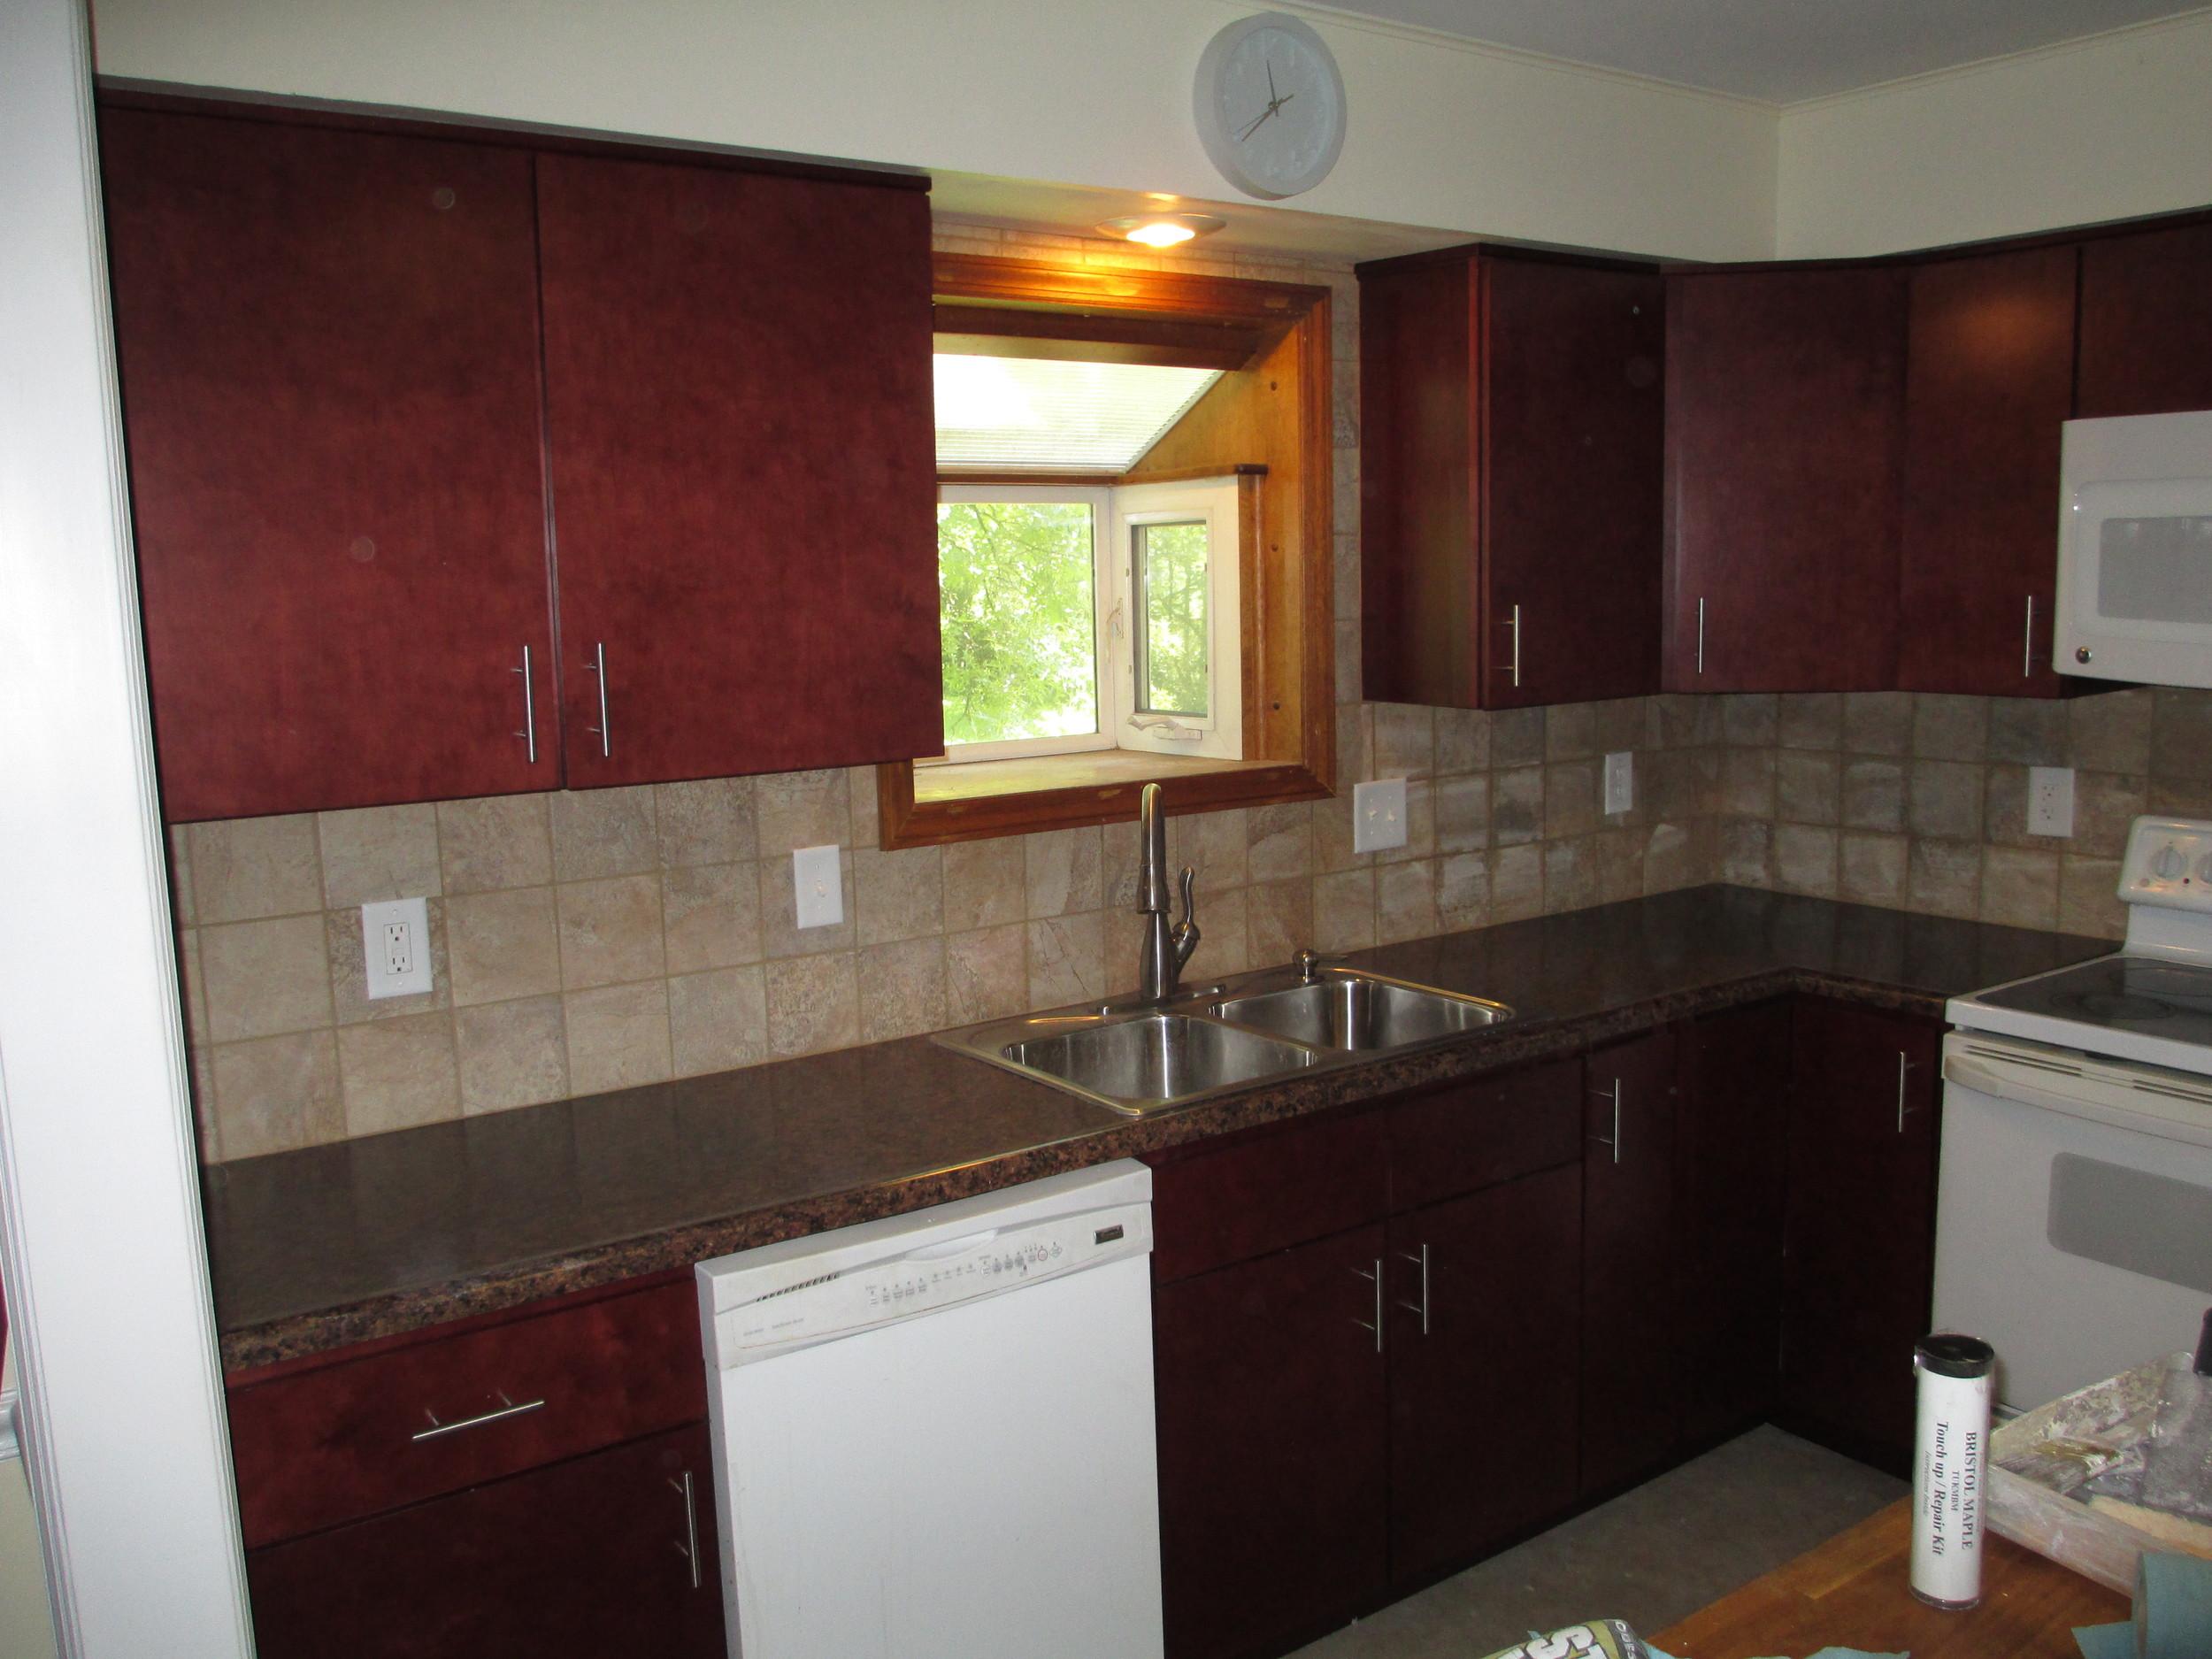 Evendale Kitchen Tile work